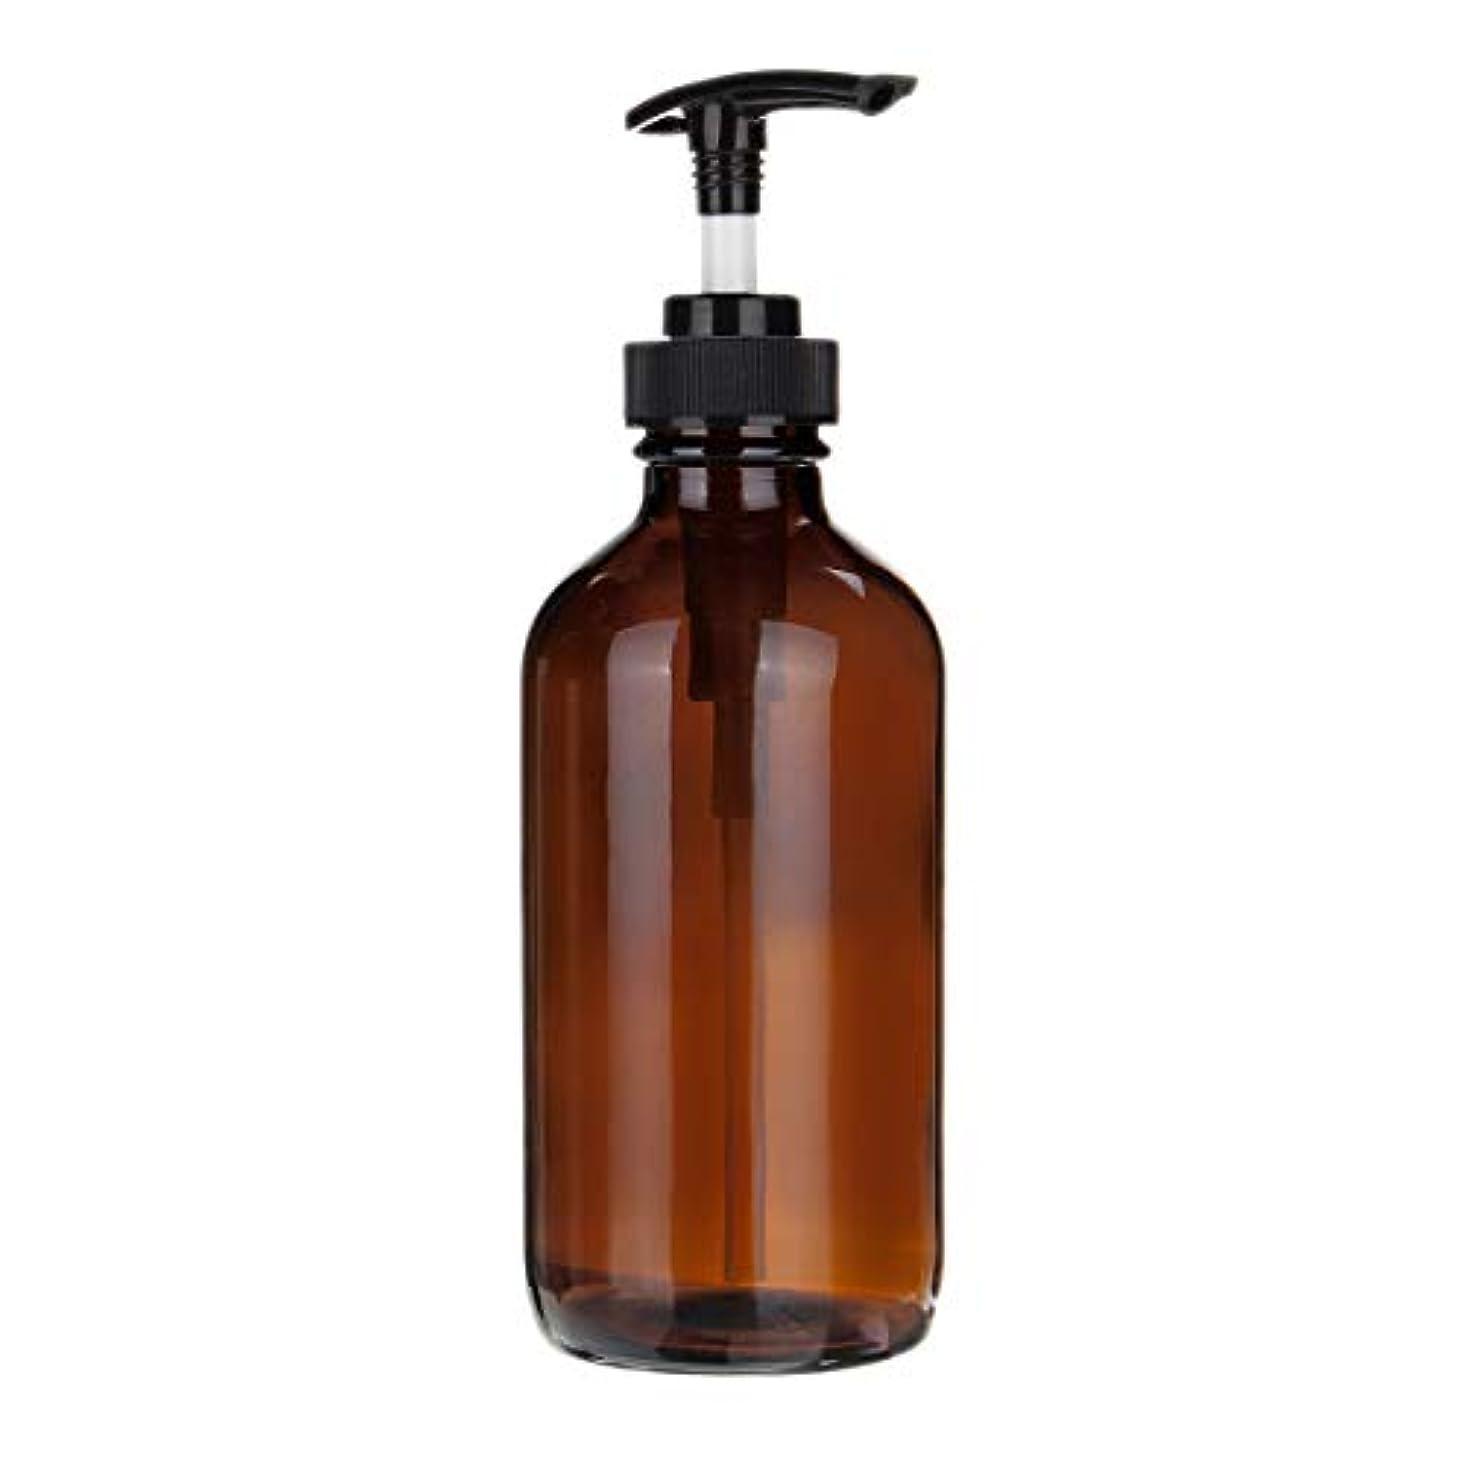 適格面白い保護するTOOGOO 250mlアンバーガラス トリガースプレーポンプボトル エッセンシャルオイルアロマテラピー、1個